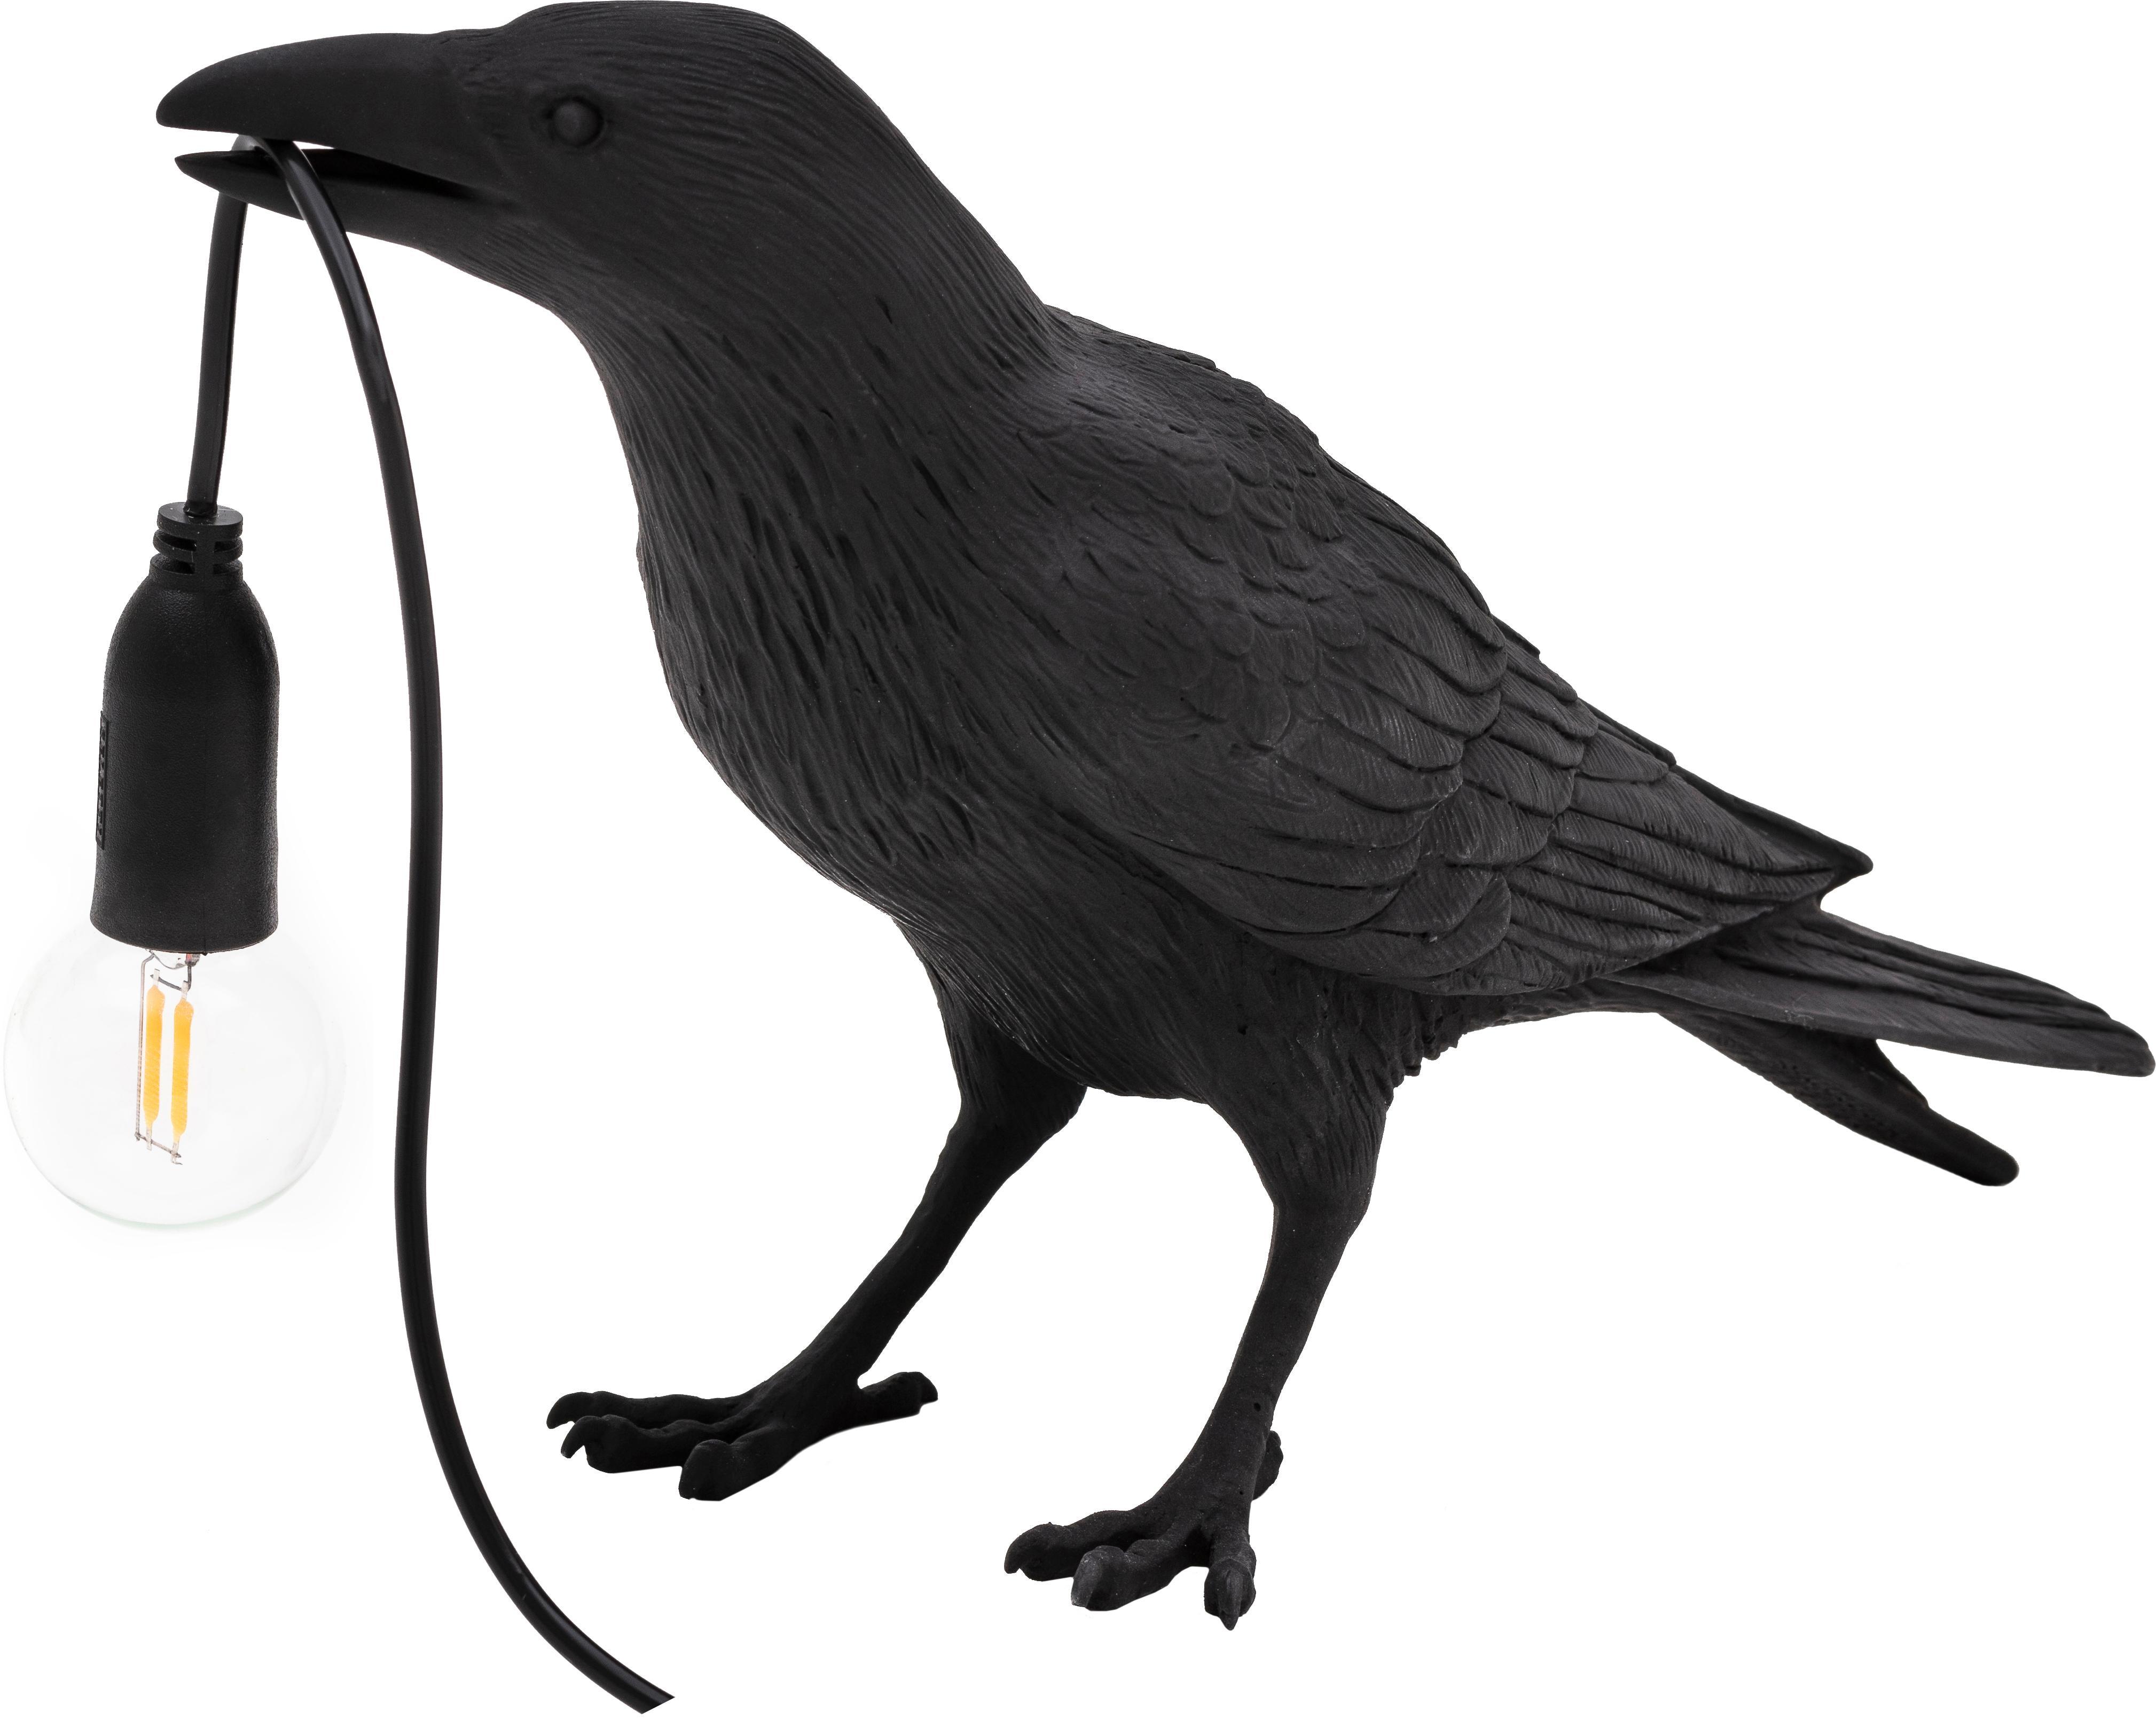 Design-Tischlampe Bird, Schwarz, 33 x 12 cm